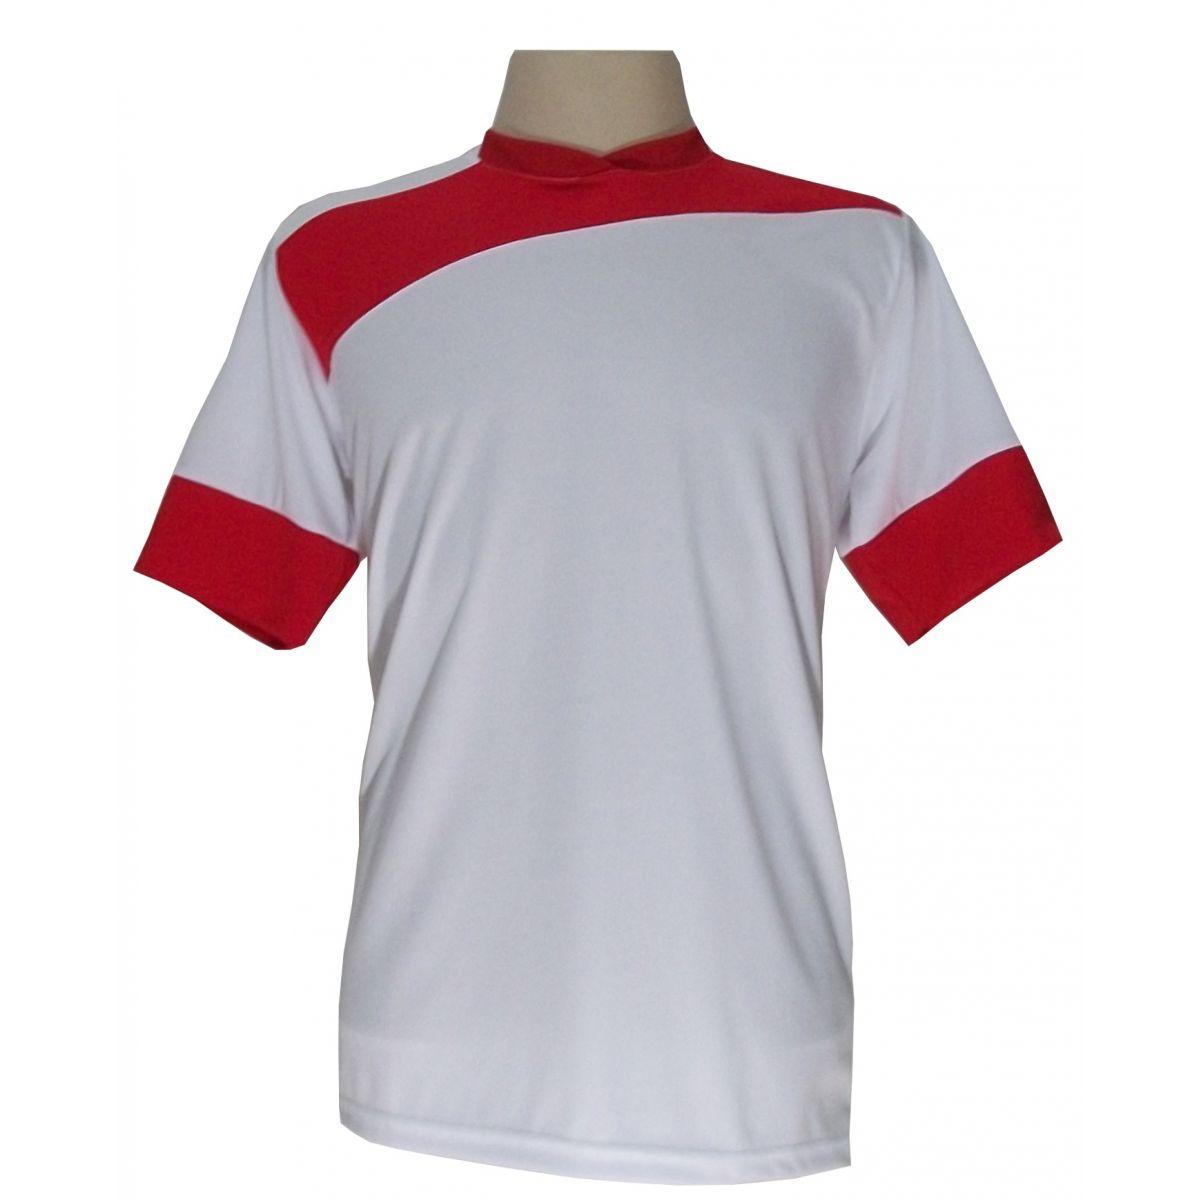 Uniforme Esportivo com 14 camisas modelo Sporting Branco/Vermelho + 14 calções modelo Copa Vermelho/Branco + Brindes